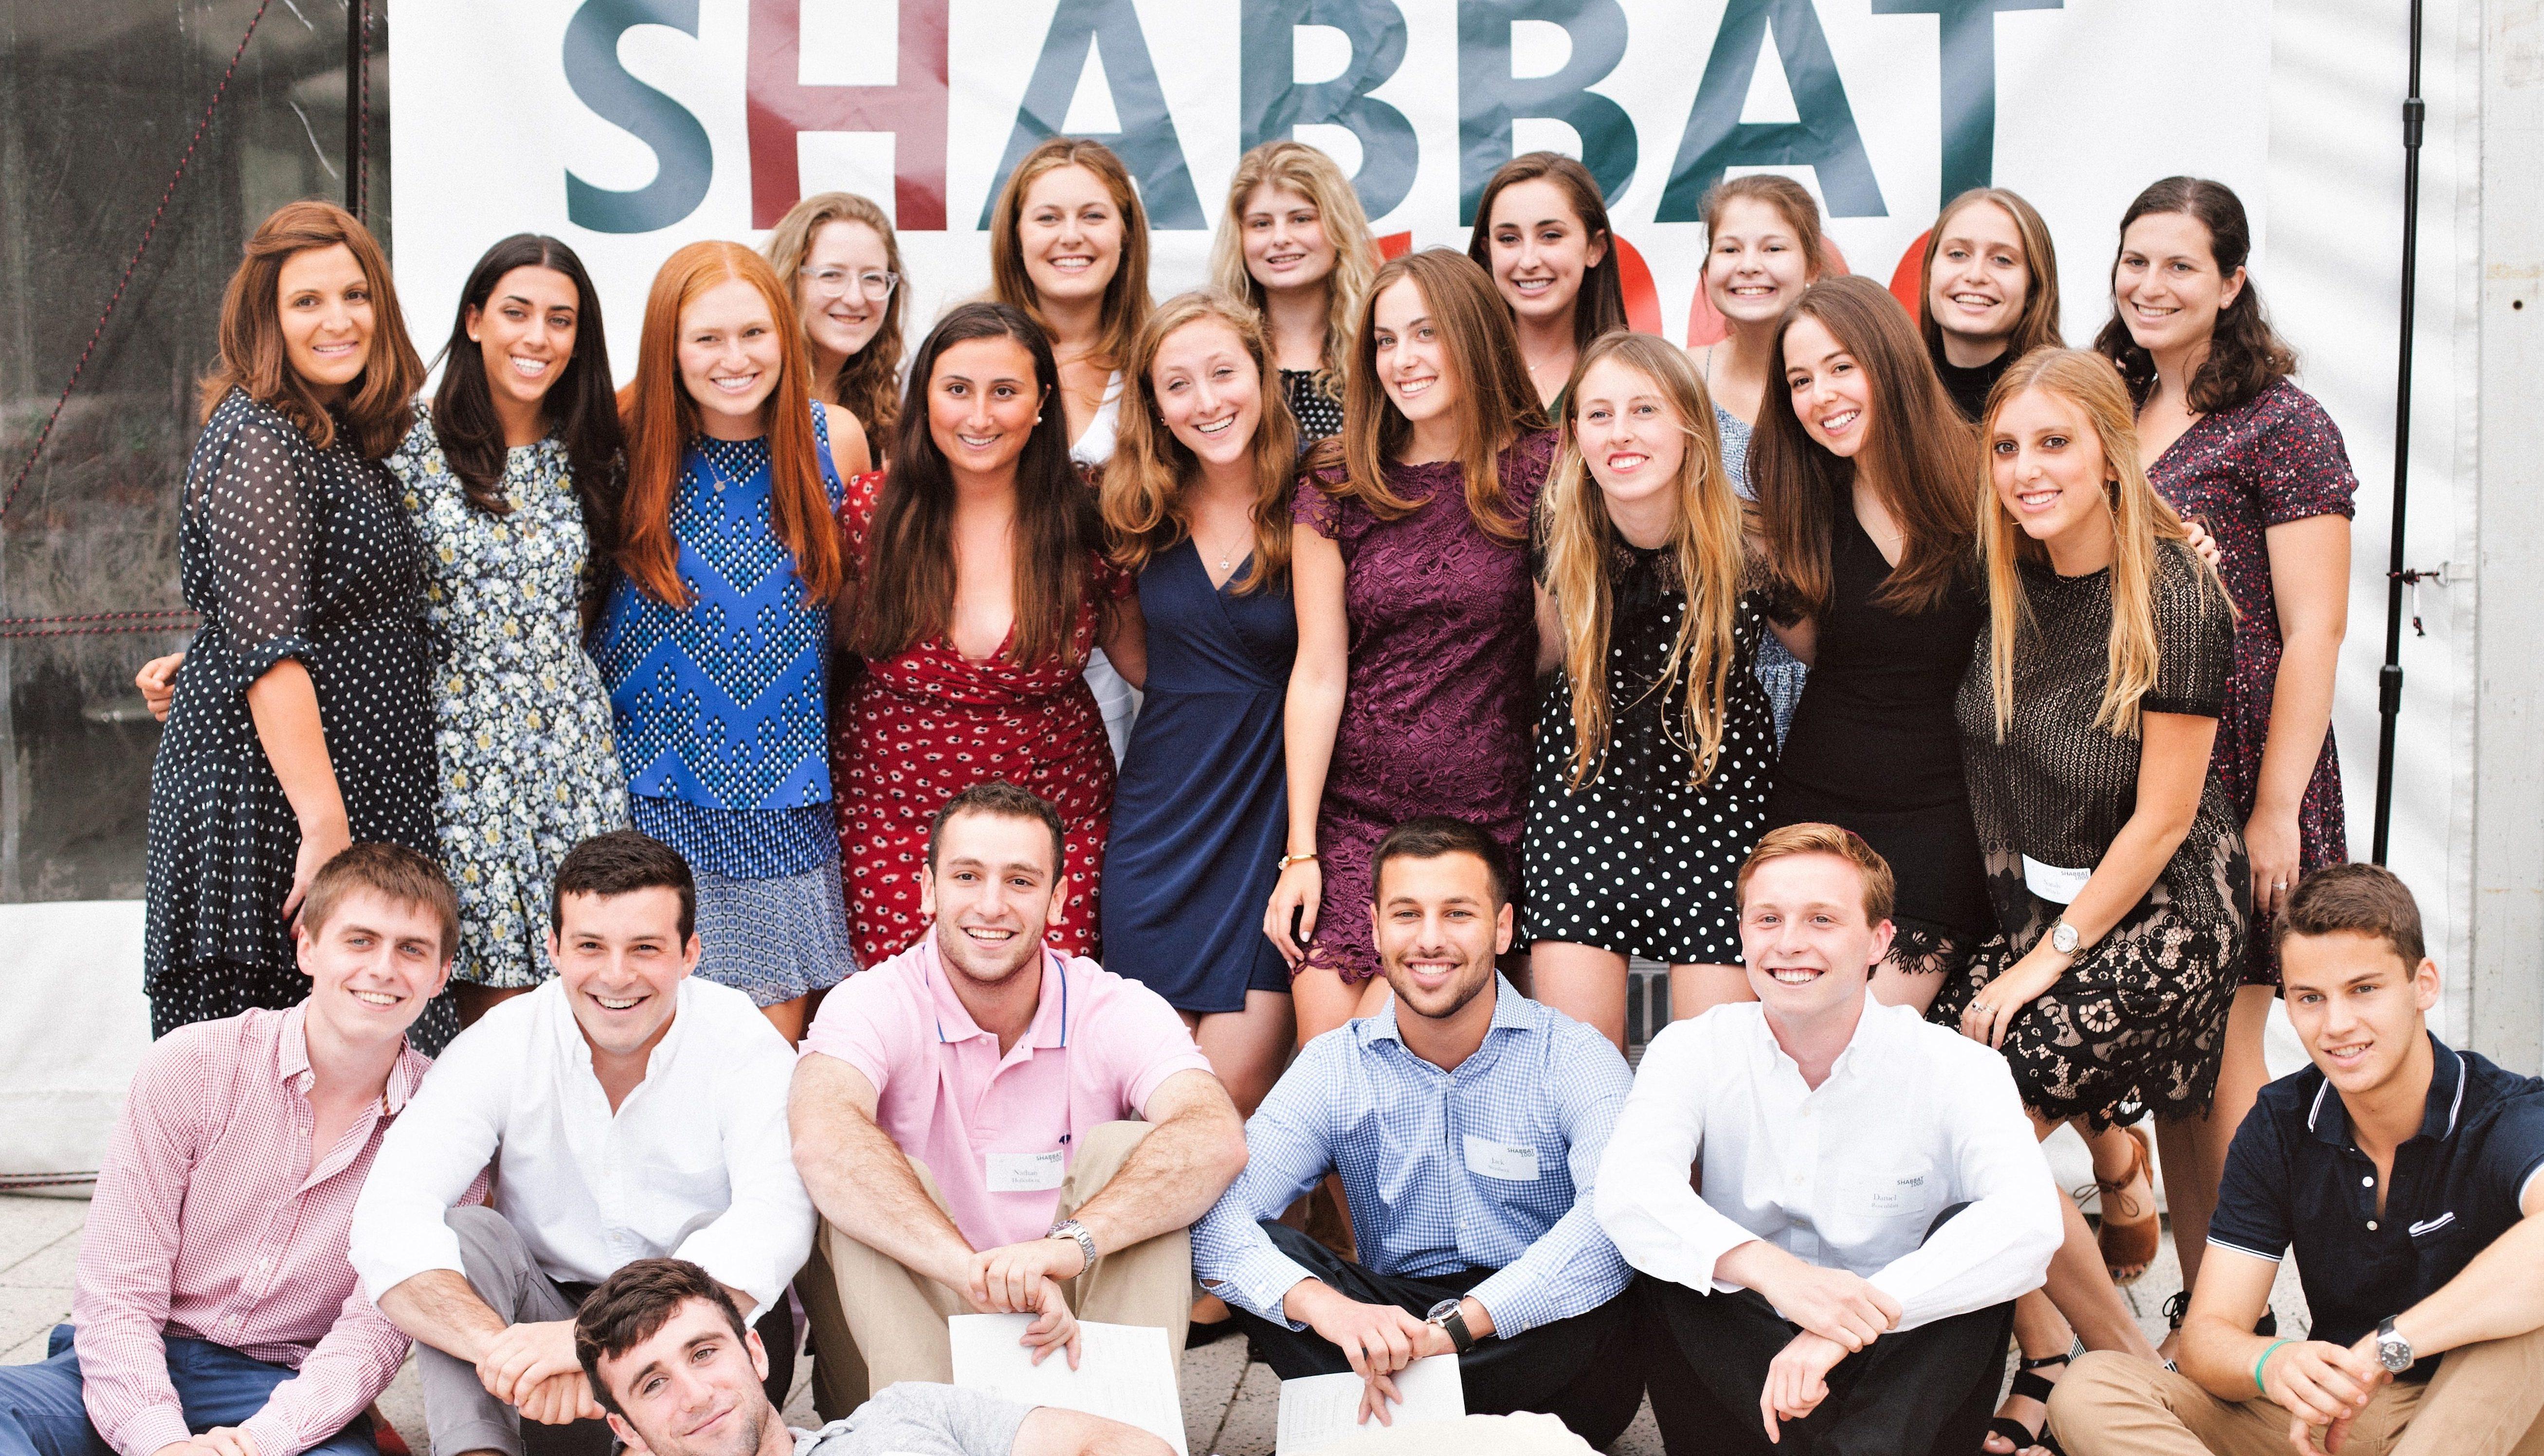 Chabad at Harvard